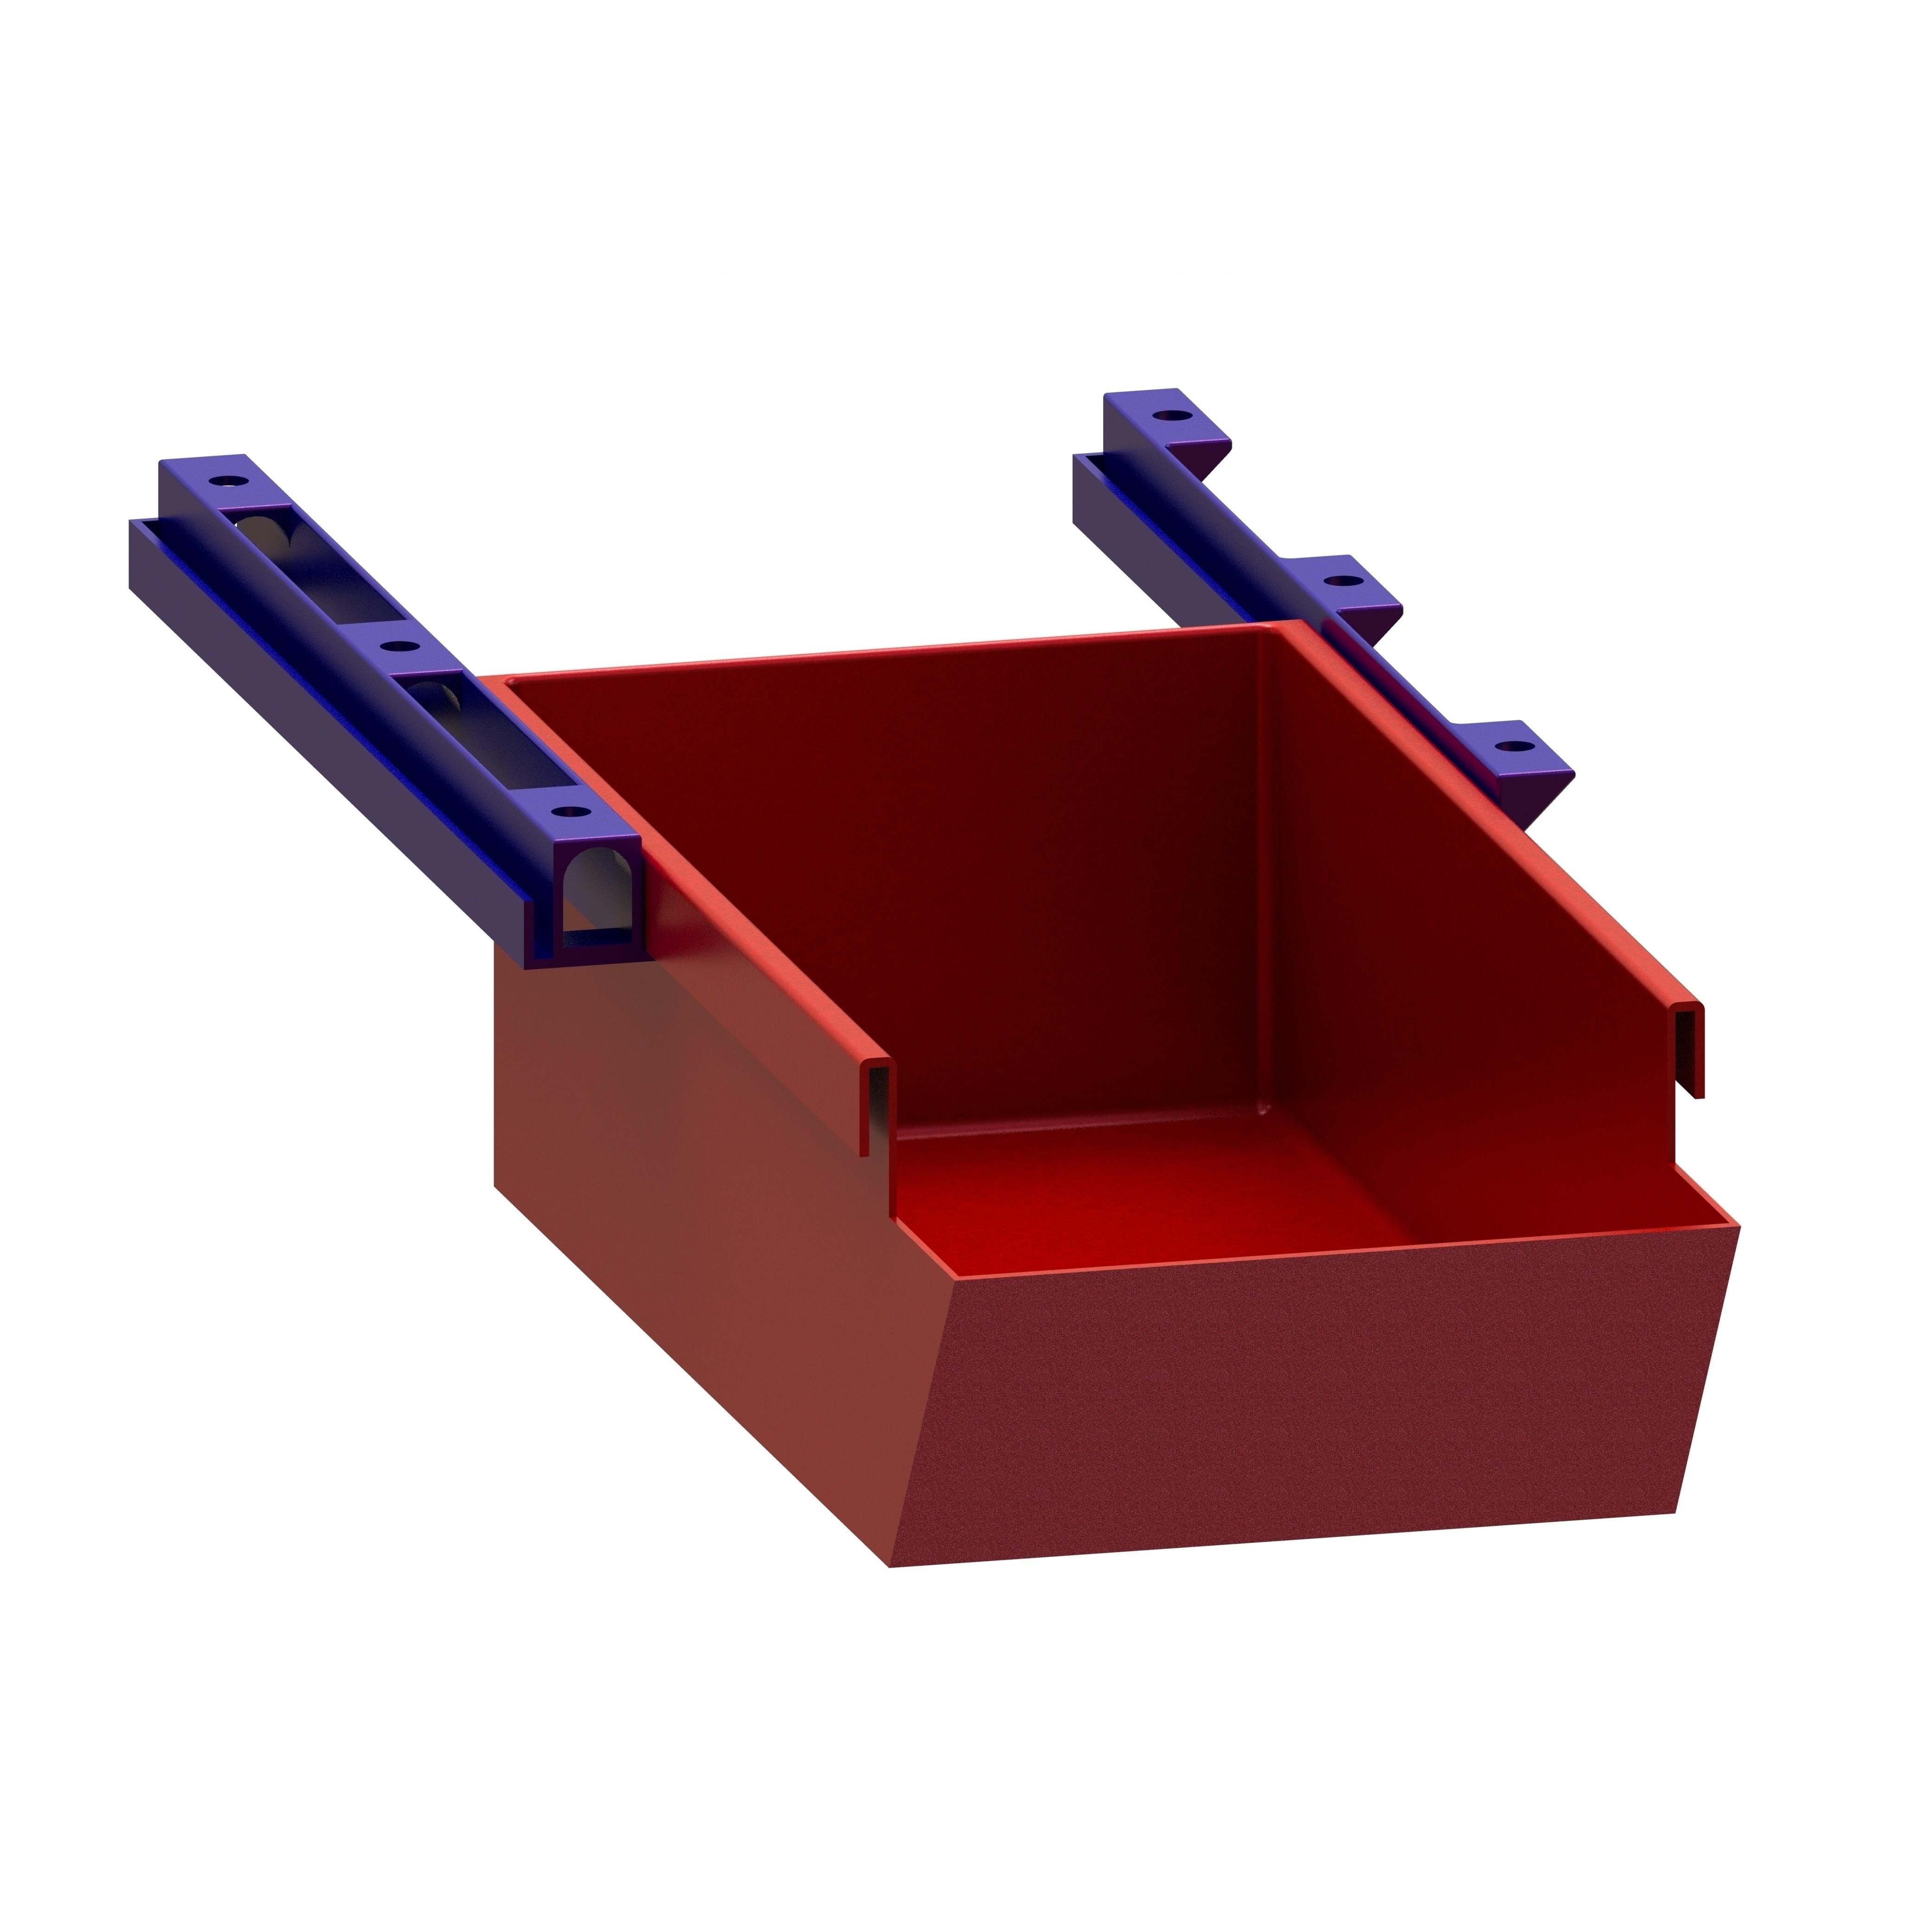 RENDU Assemblage CARRE.JPG Download free STL file Hanging storage drawers • 3D printer model, Ni-no